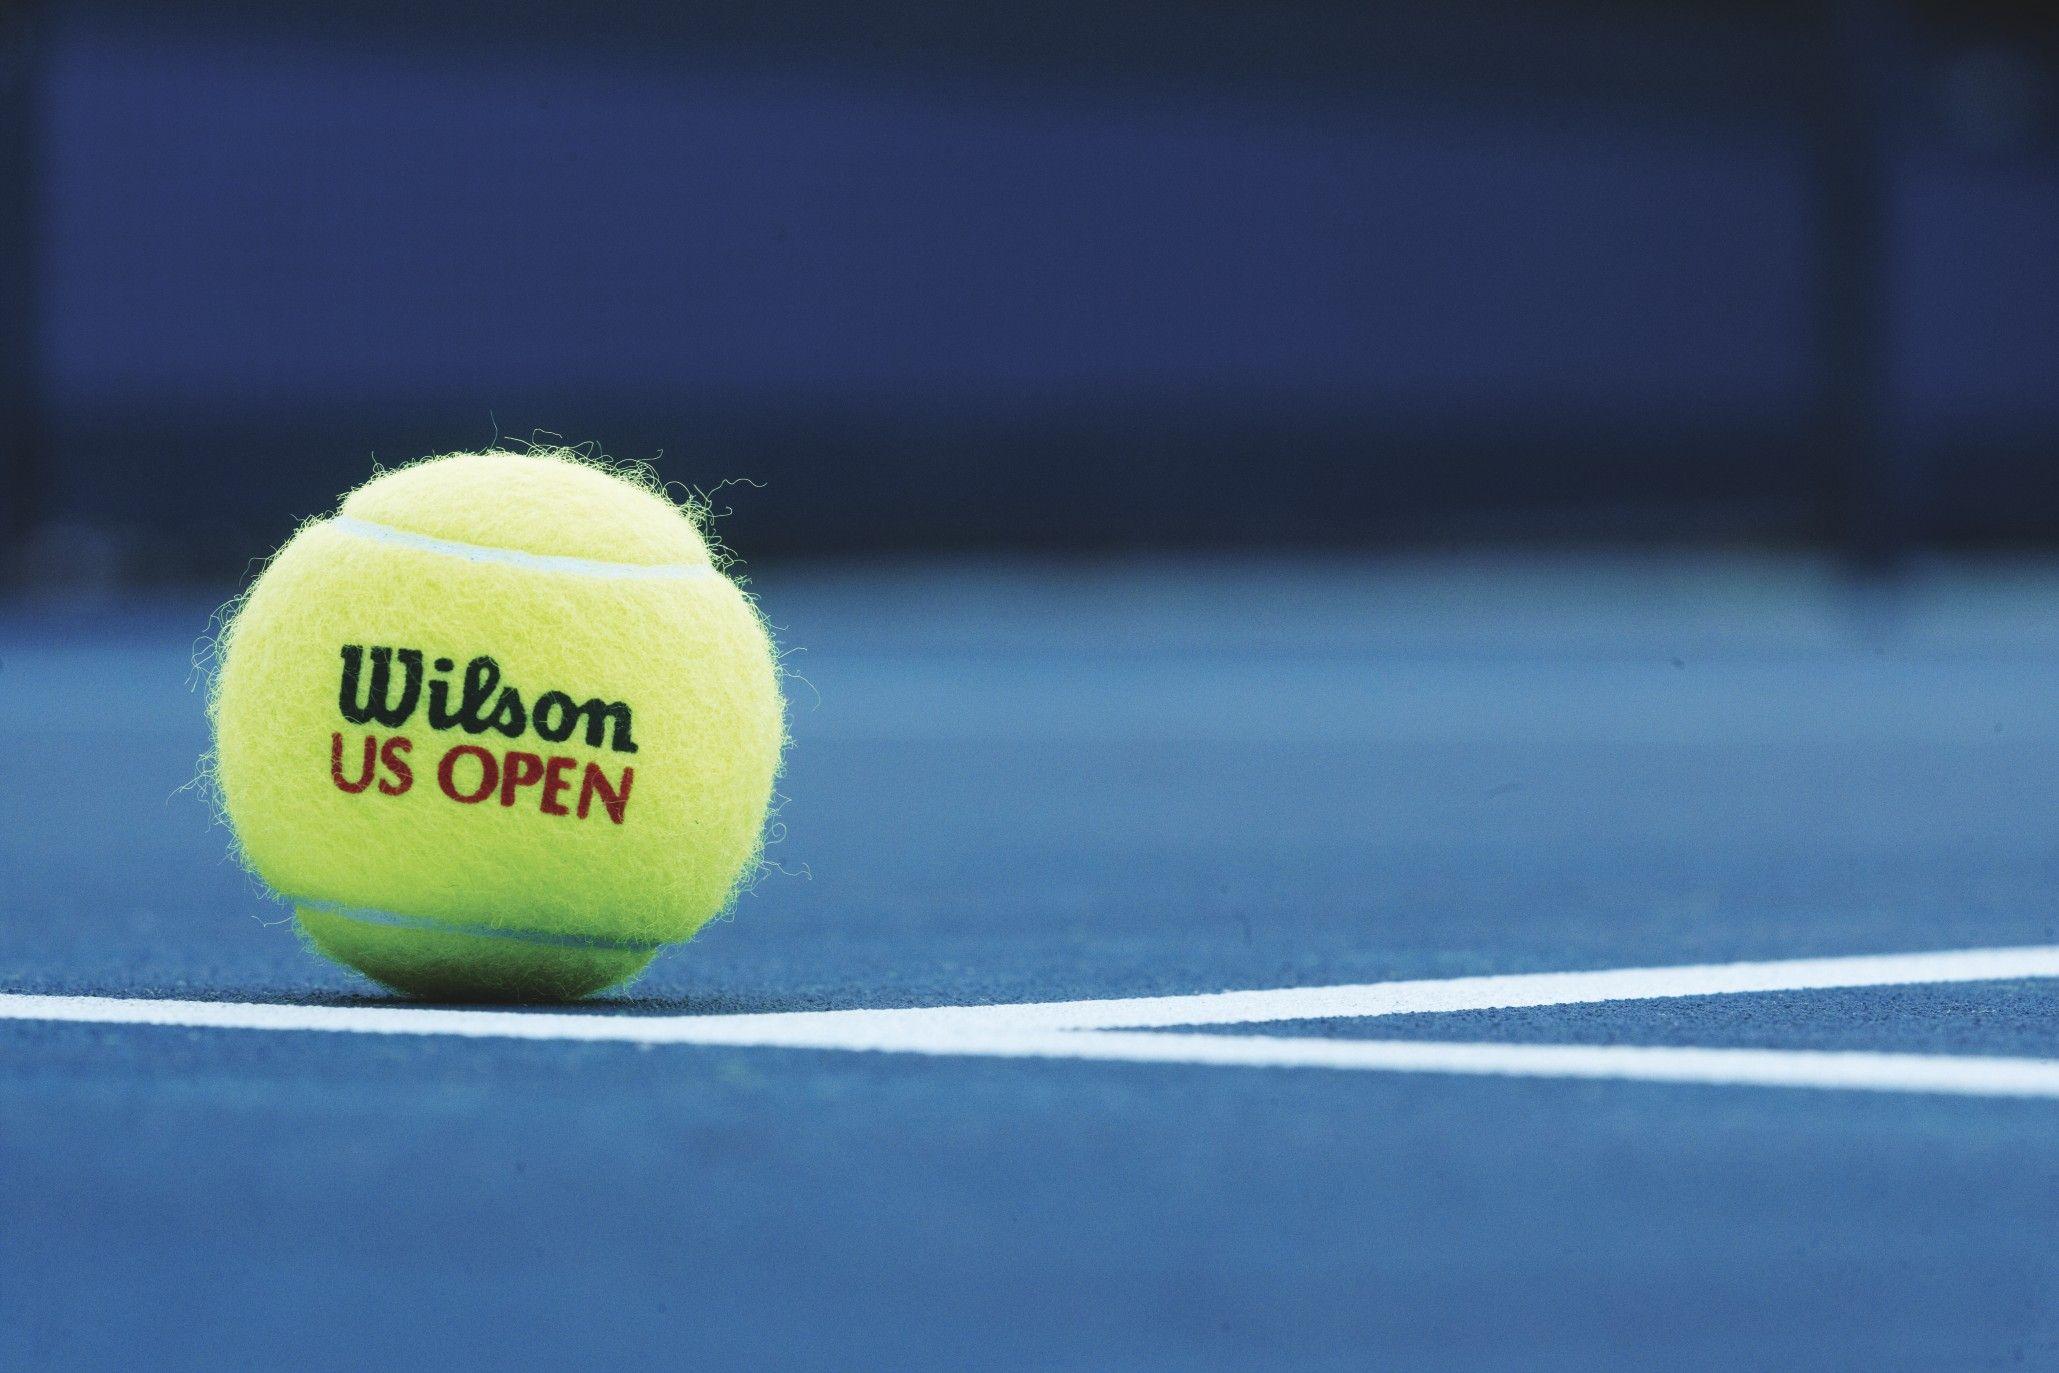 Wilson US Open Tennis Balls Tennis balls, Tennis, Tennis